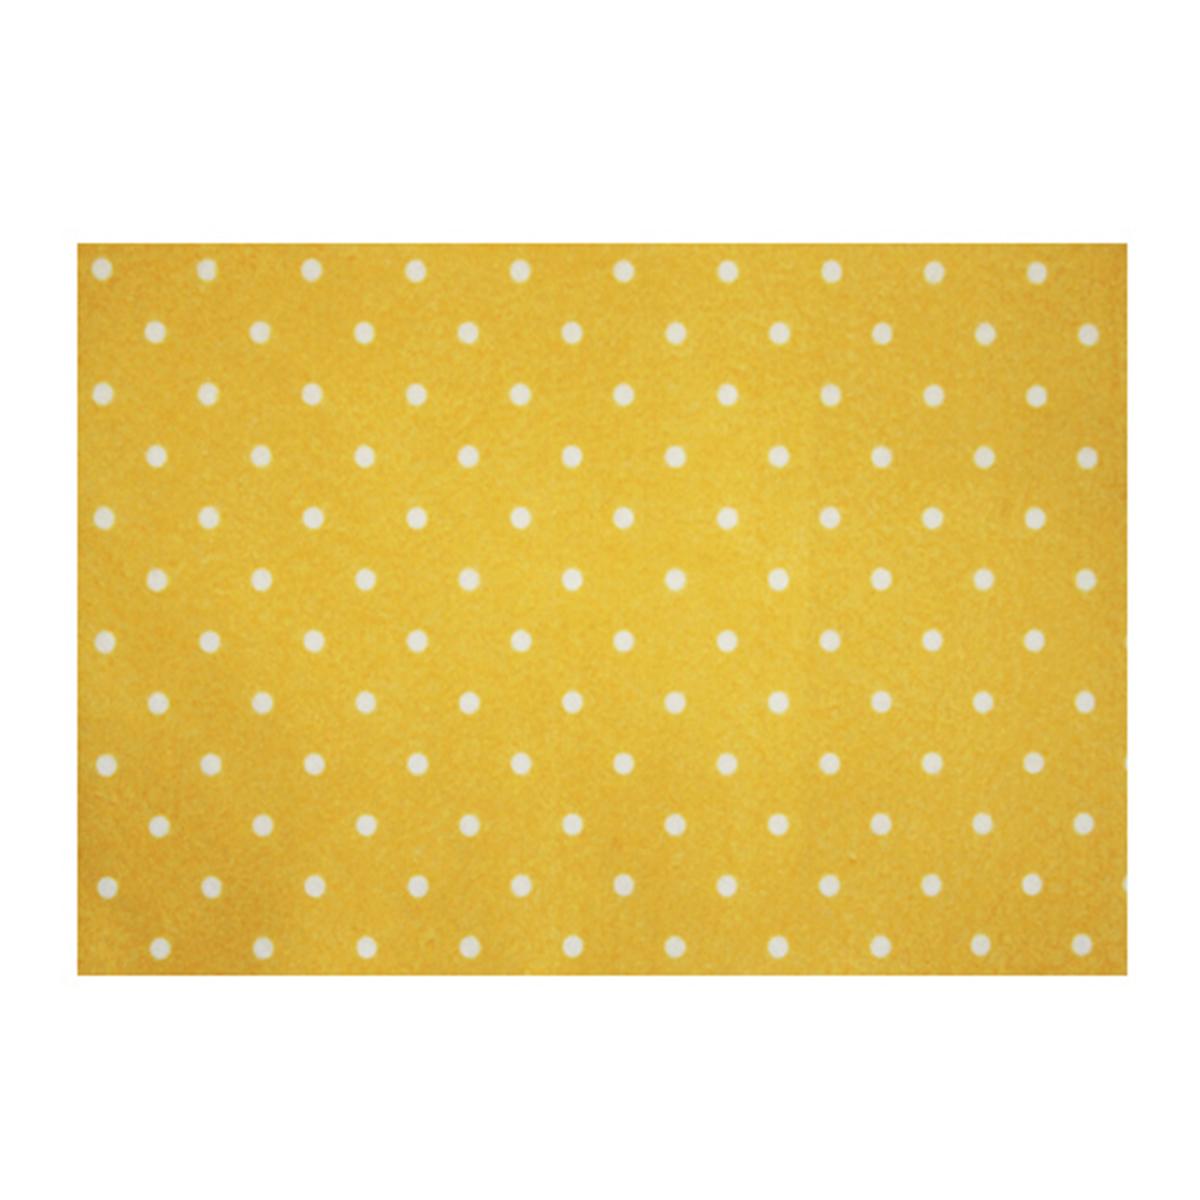 Фетр листовой декоративный Астра Горох, цвет: желтый, 20 х 30 см, 5 шт7715763_YF 640 желтый